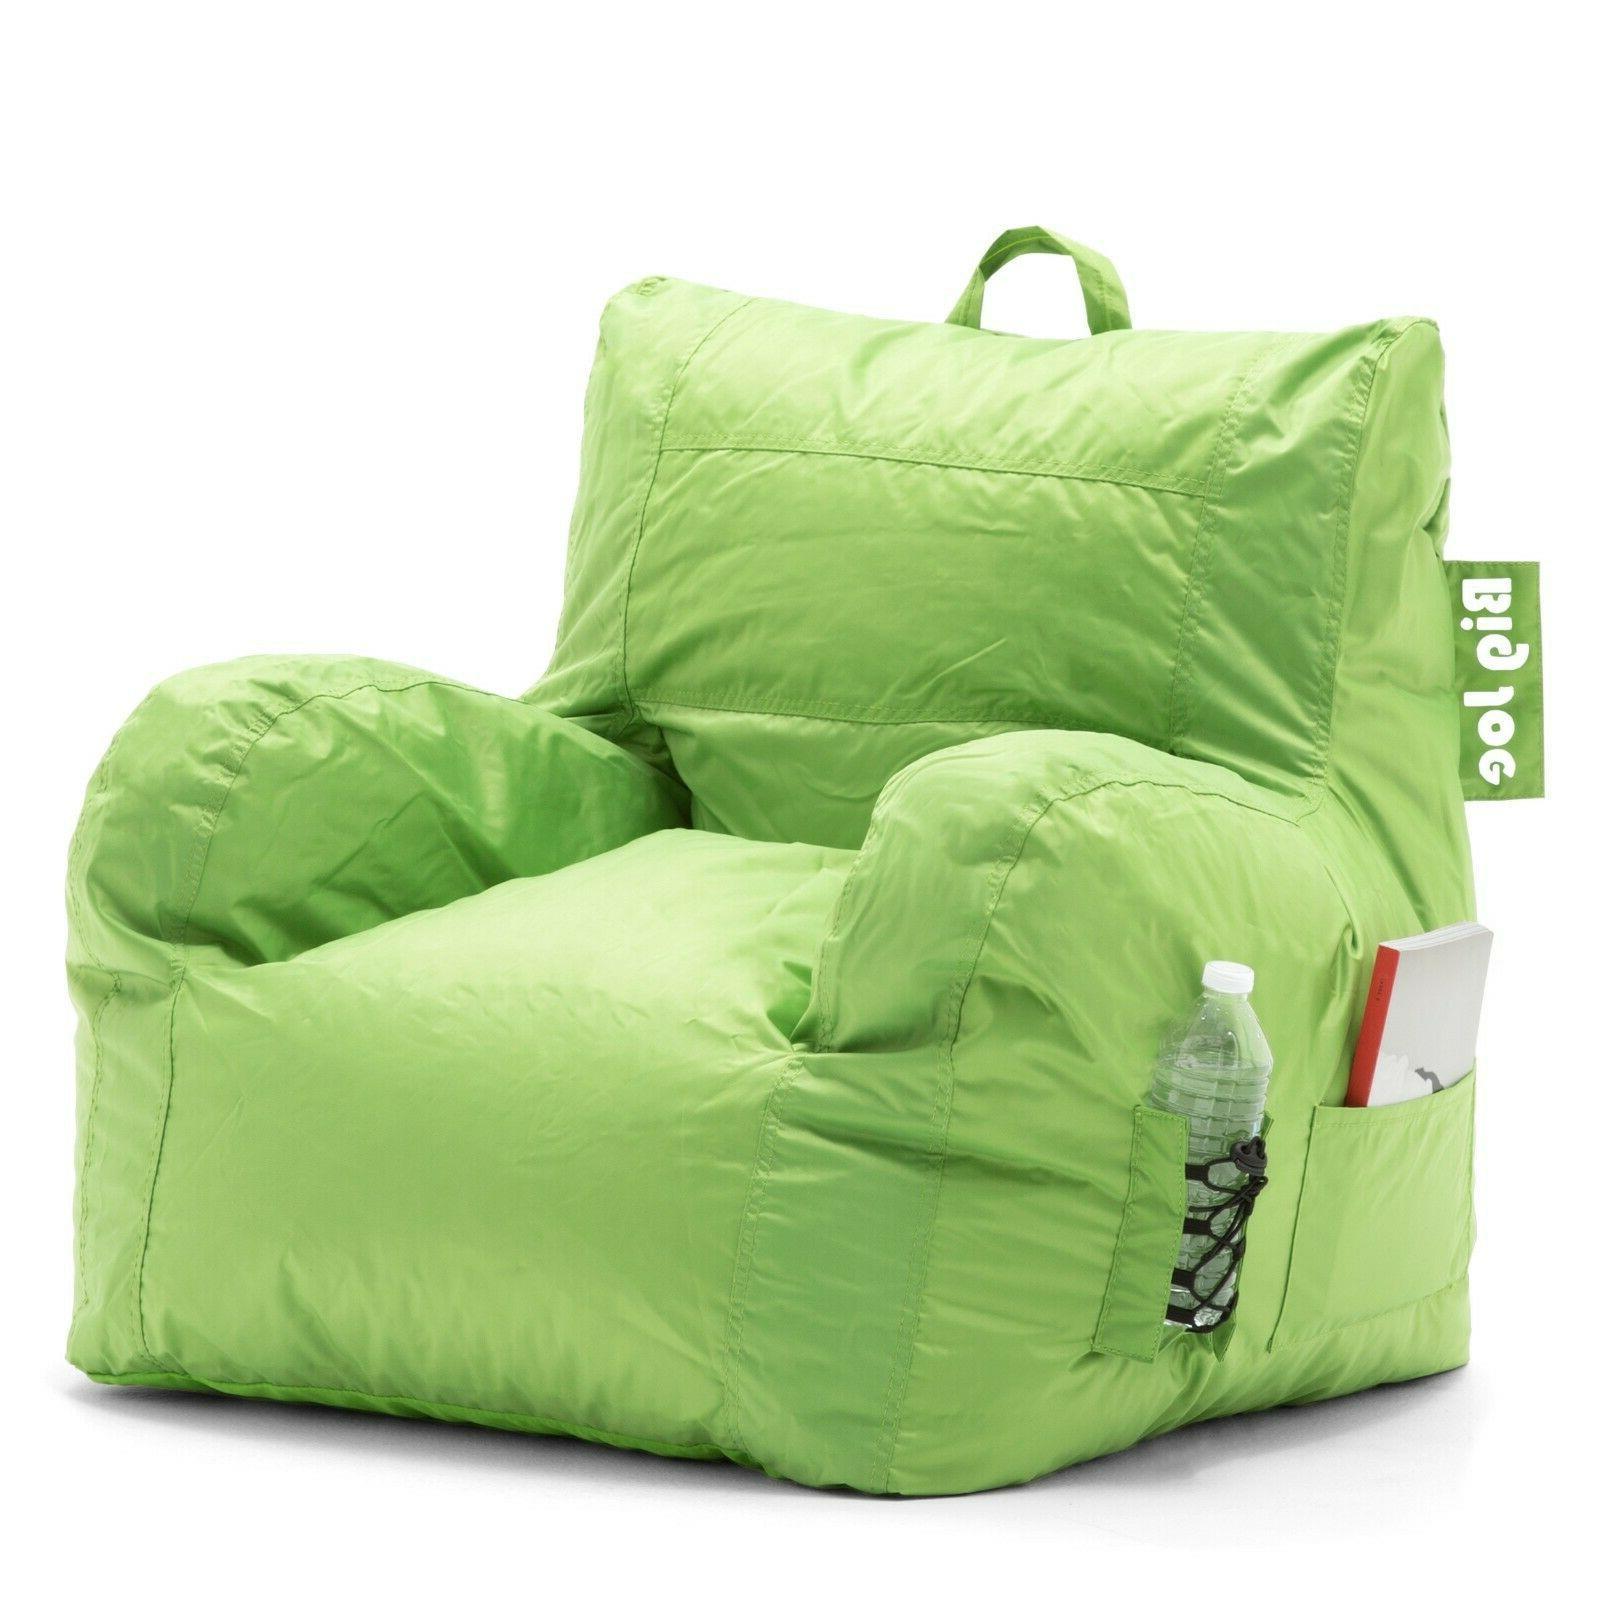 XL Bean Chair Multiple Comfort Kids